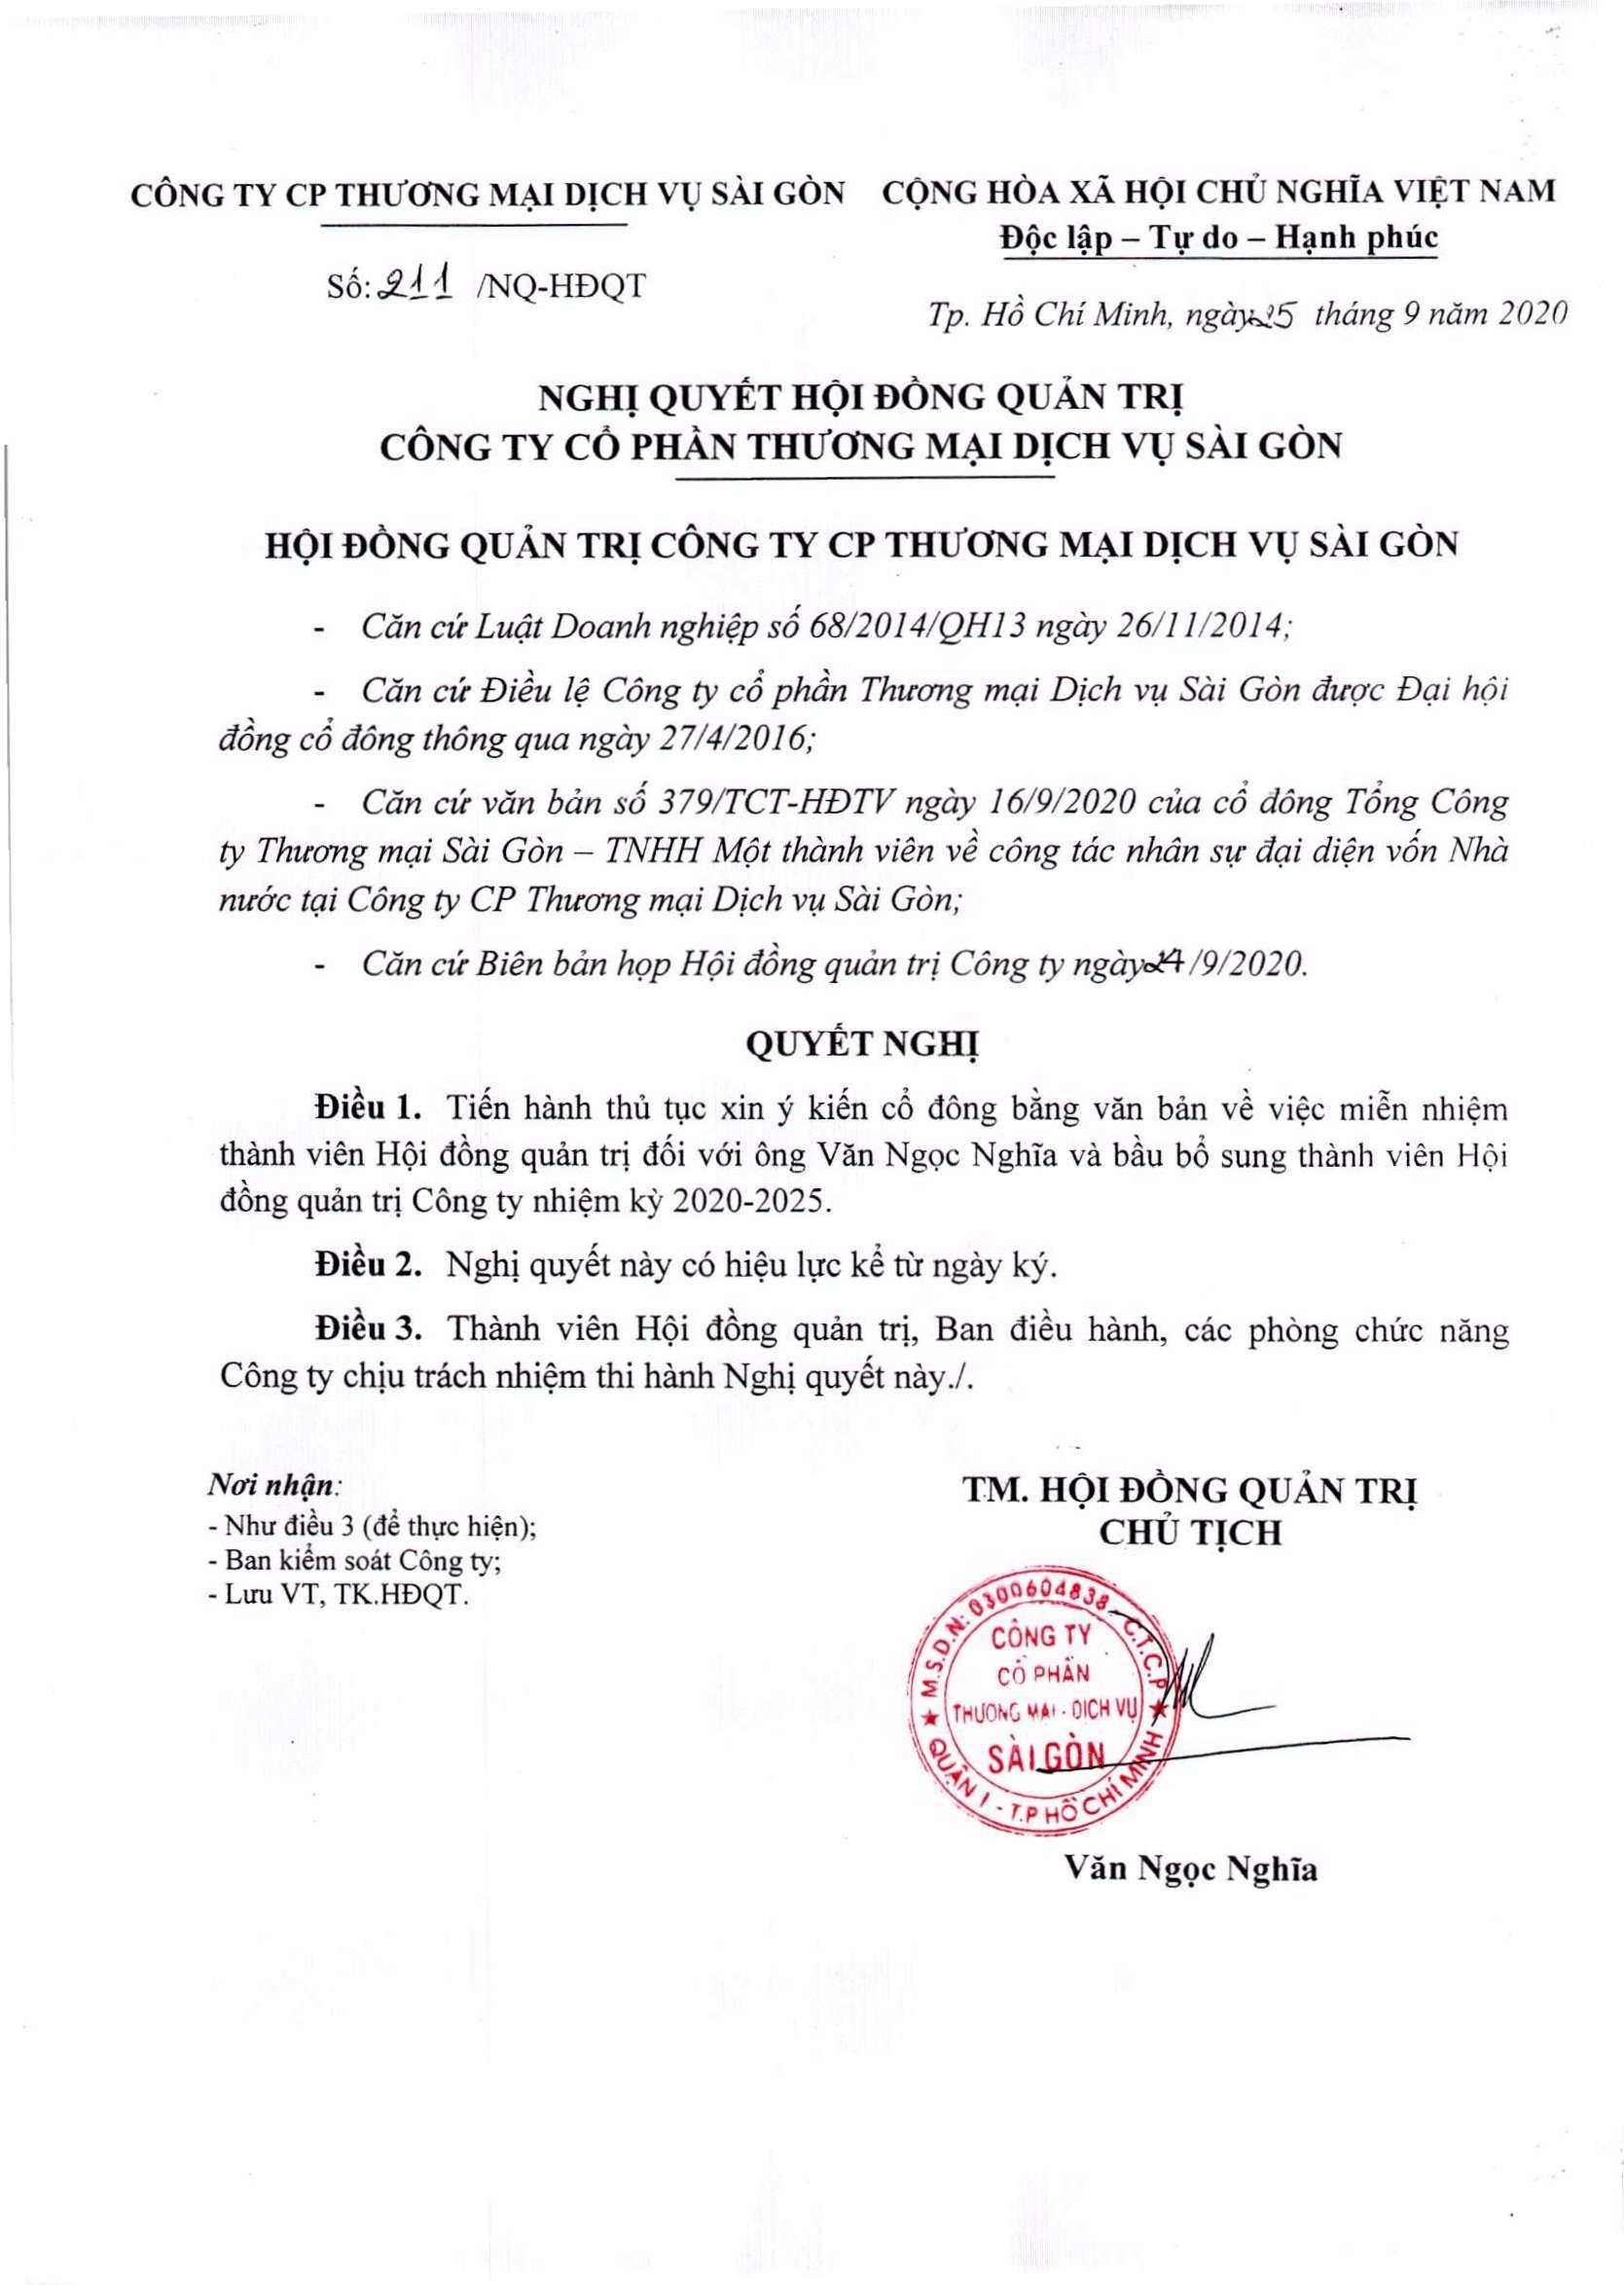 Nghị quyết 211-NQ-HĐQT ngày 25-9-2020